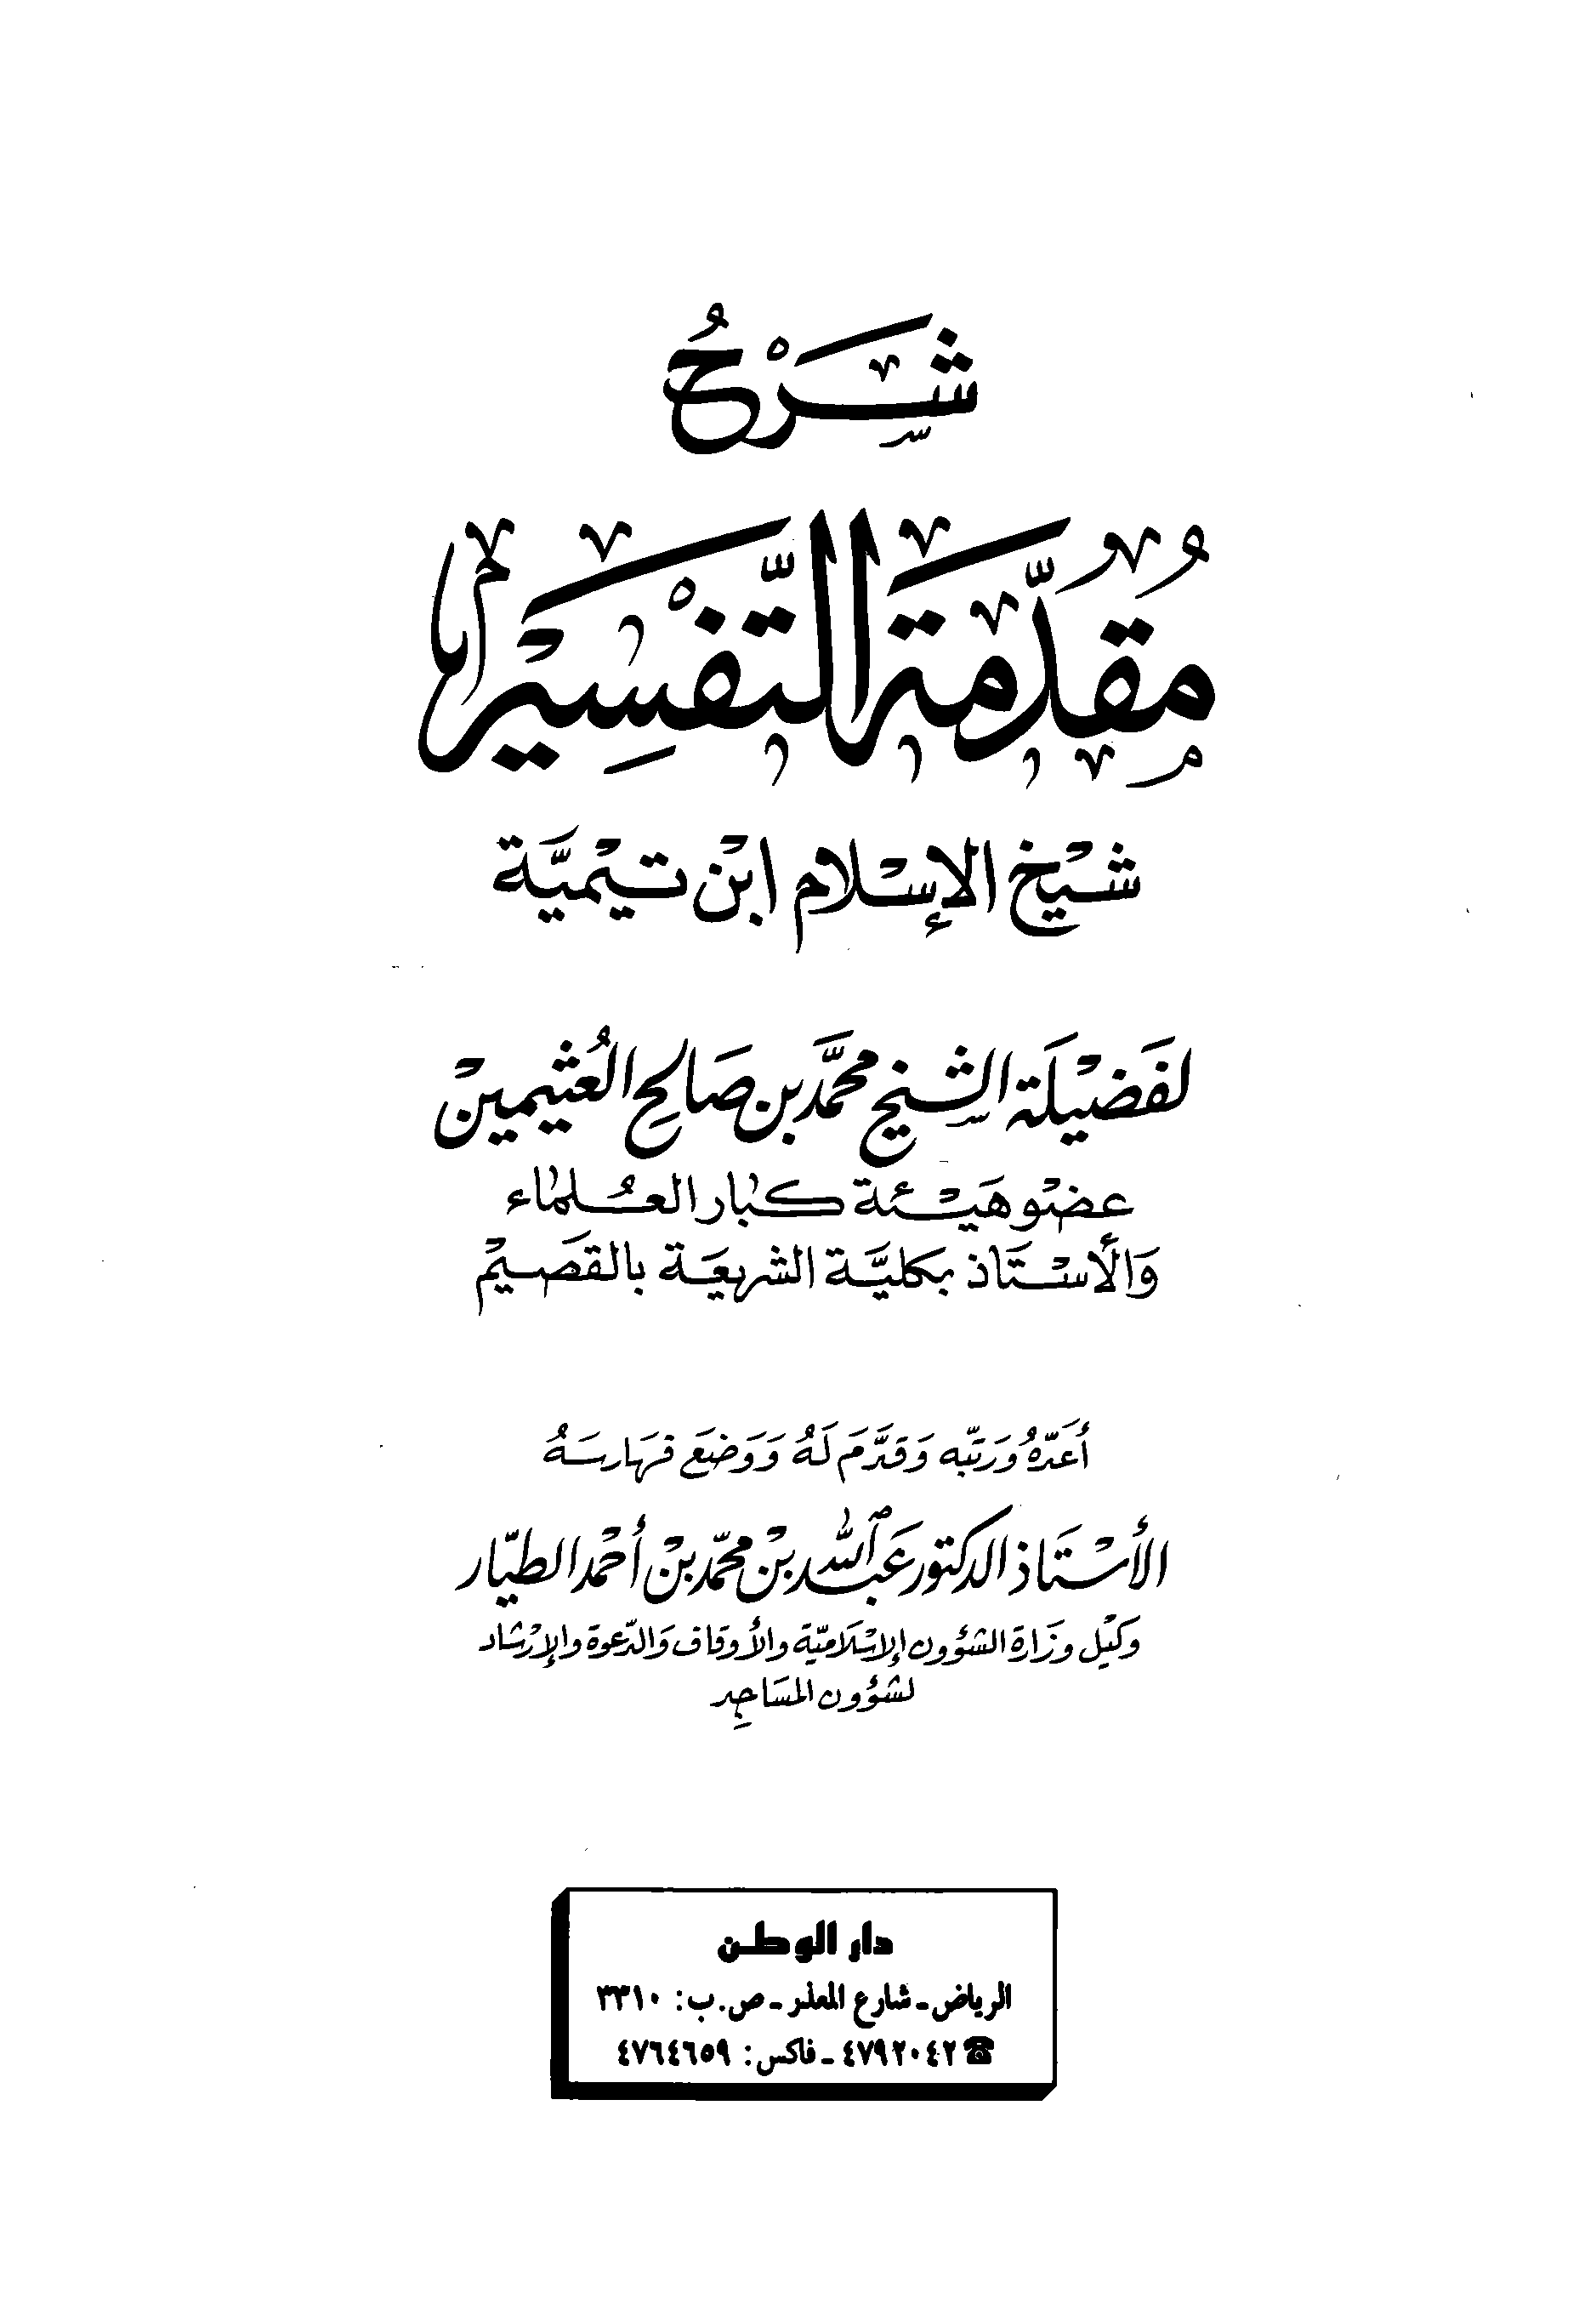 تحميل كتاب شرح مقدمة التفسير لشيخ الإسلام ابن تيمية (العثيمين) لـِ: الشيخ محمد بن صالح العثيمين (ت 1421)